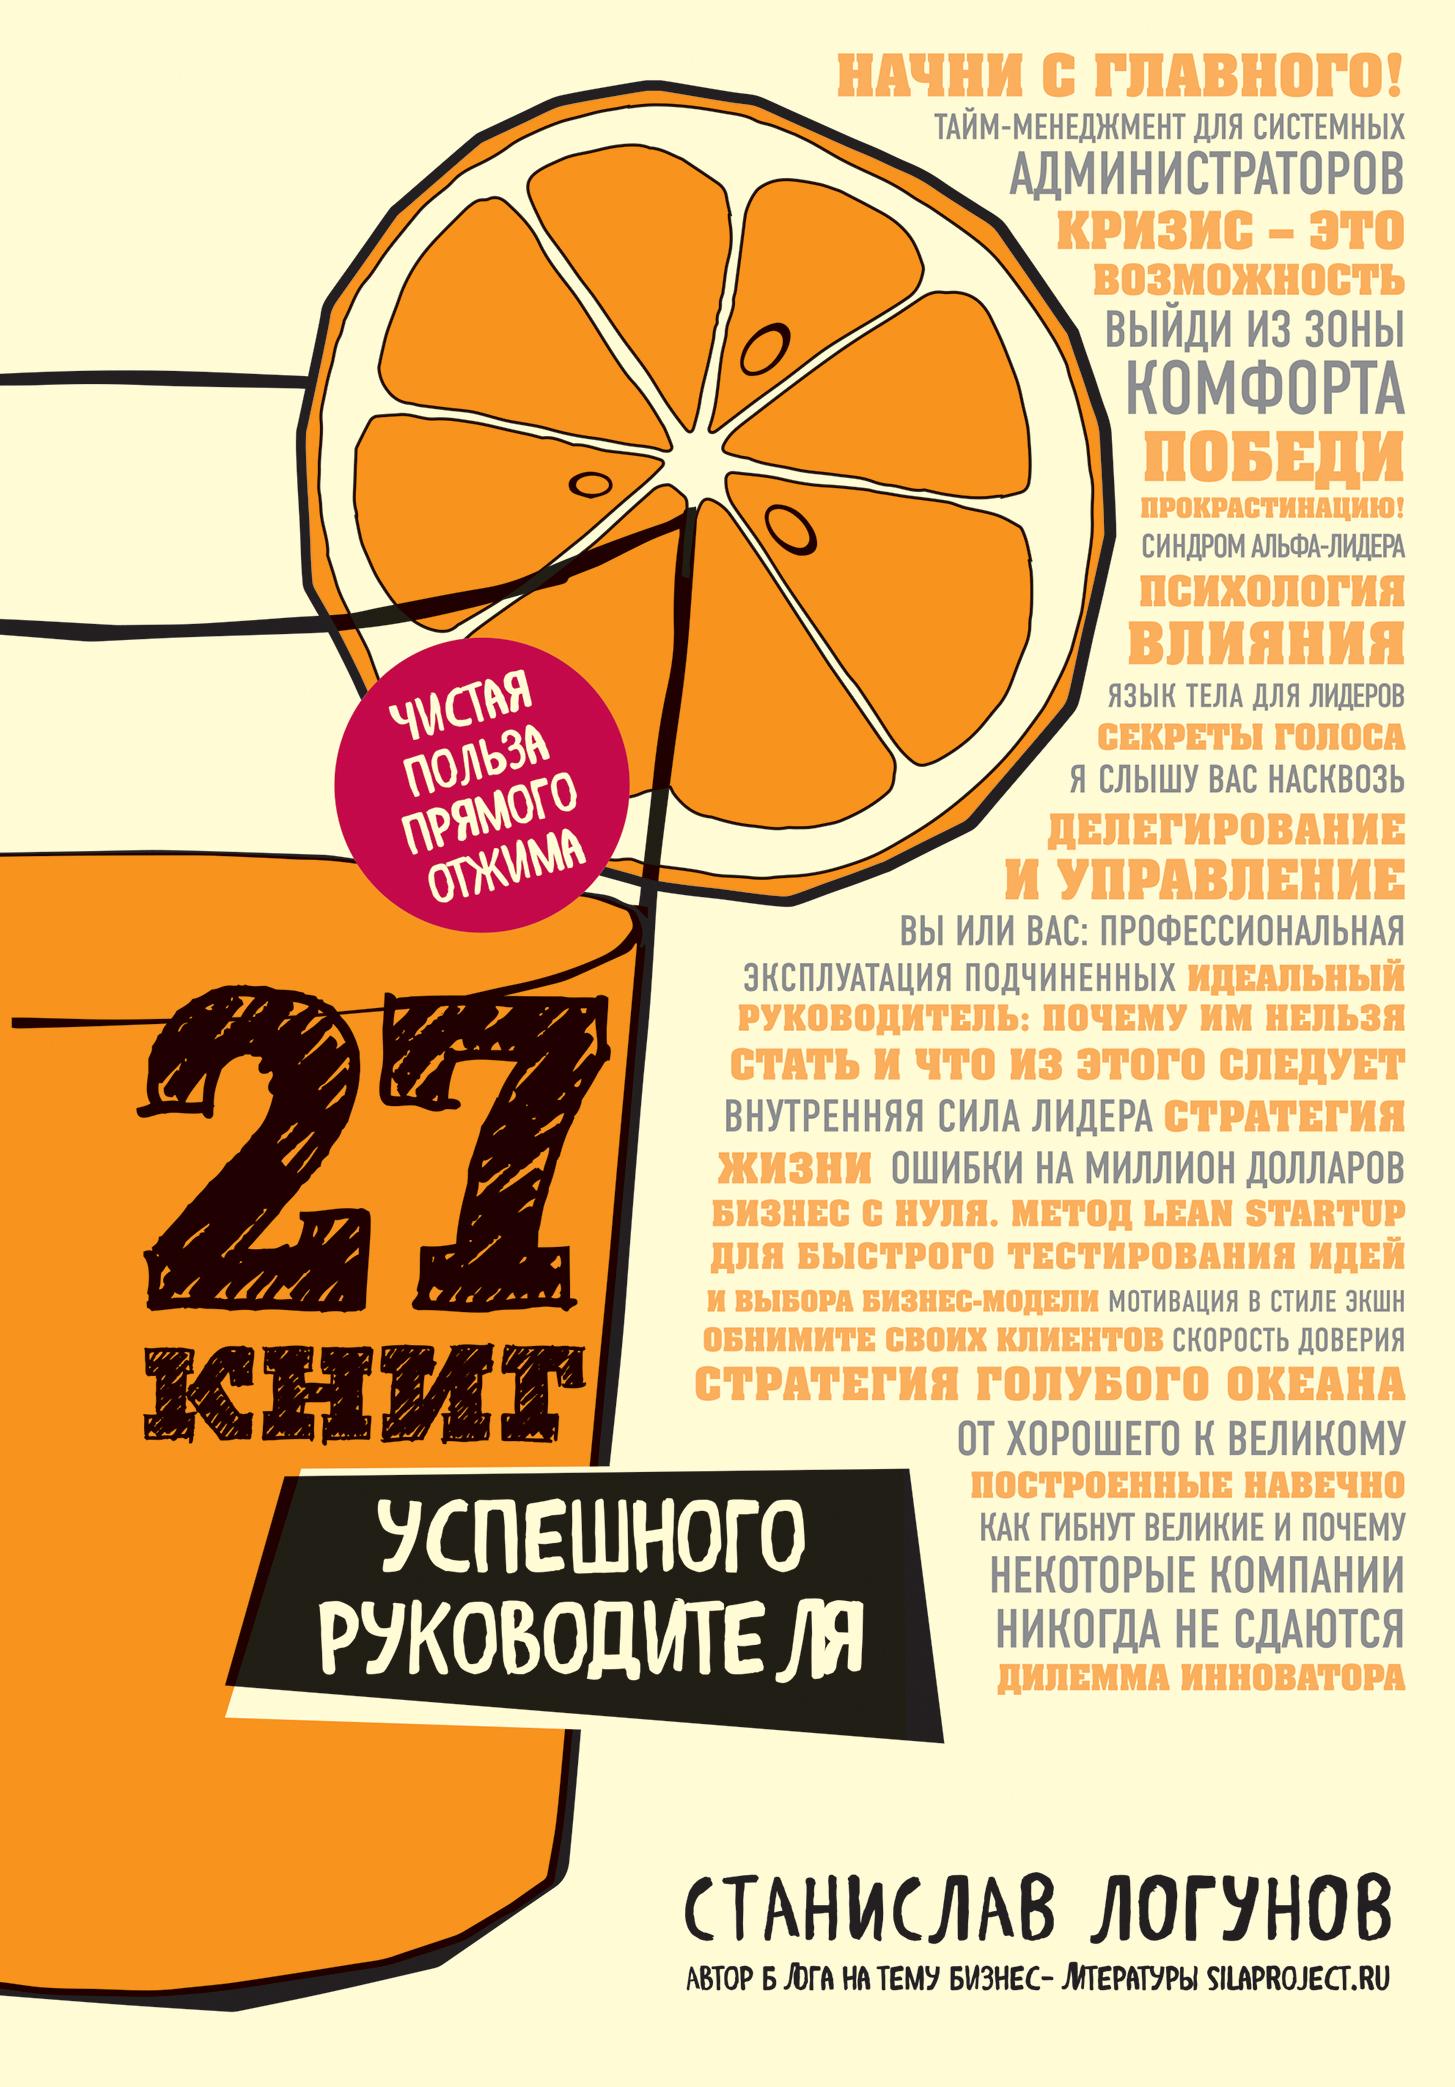 Станислав Логунов. 27 книг успешного руководителя